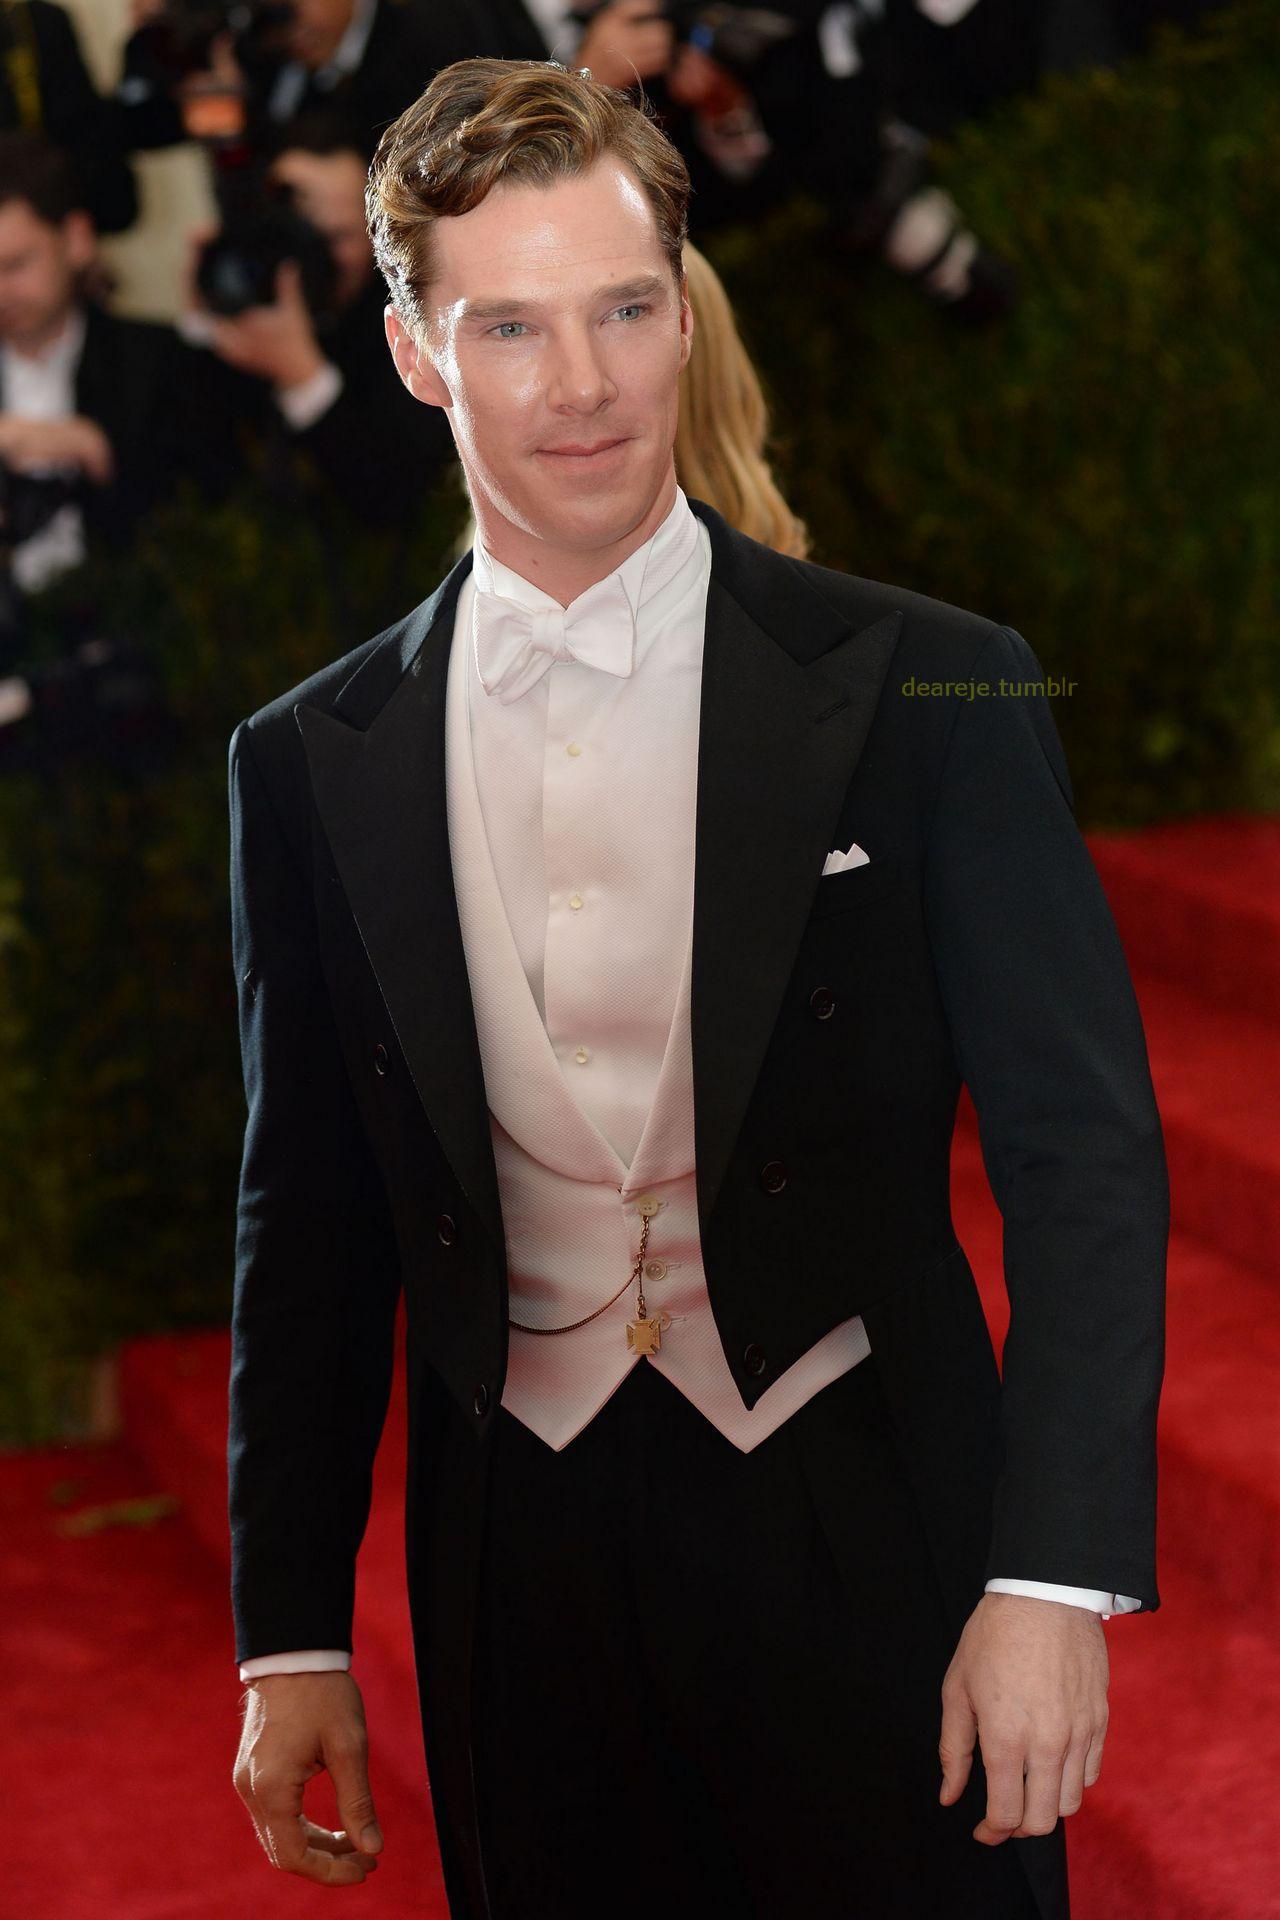 Benedict at the Met Gala - 2014